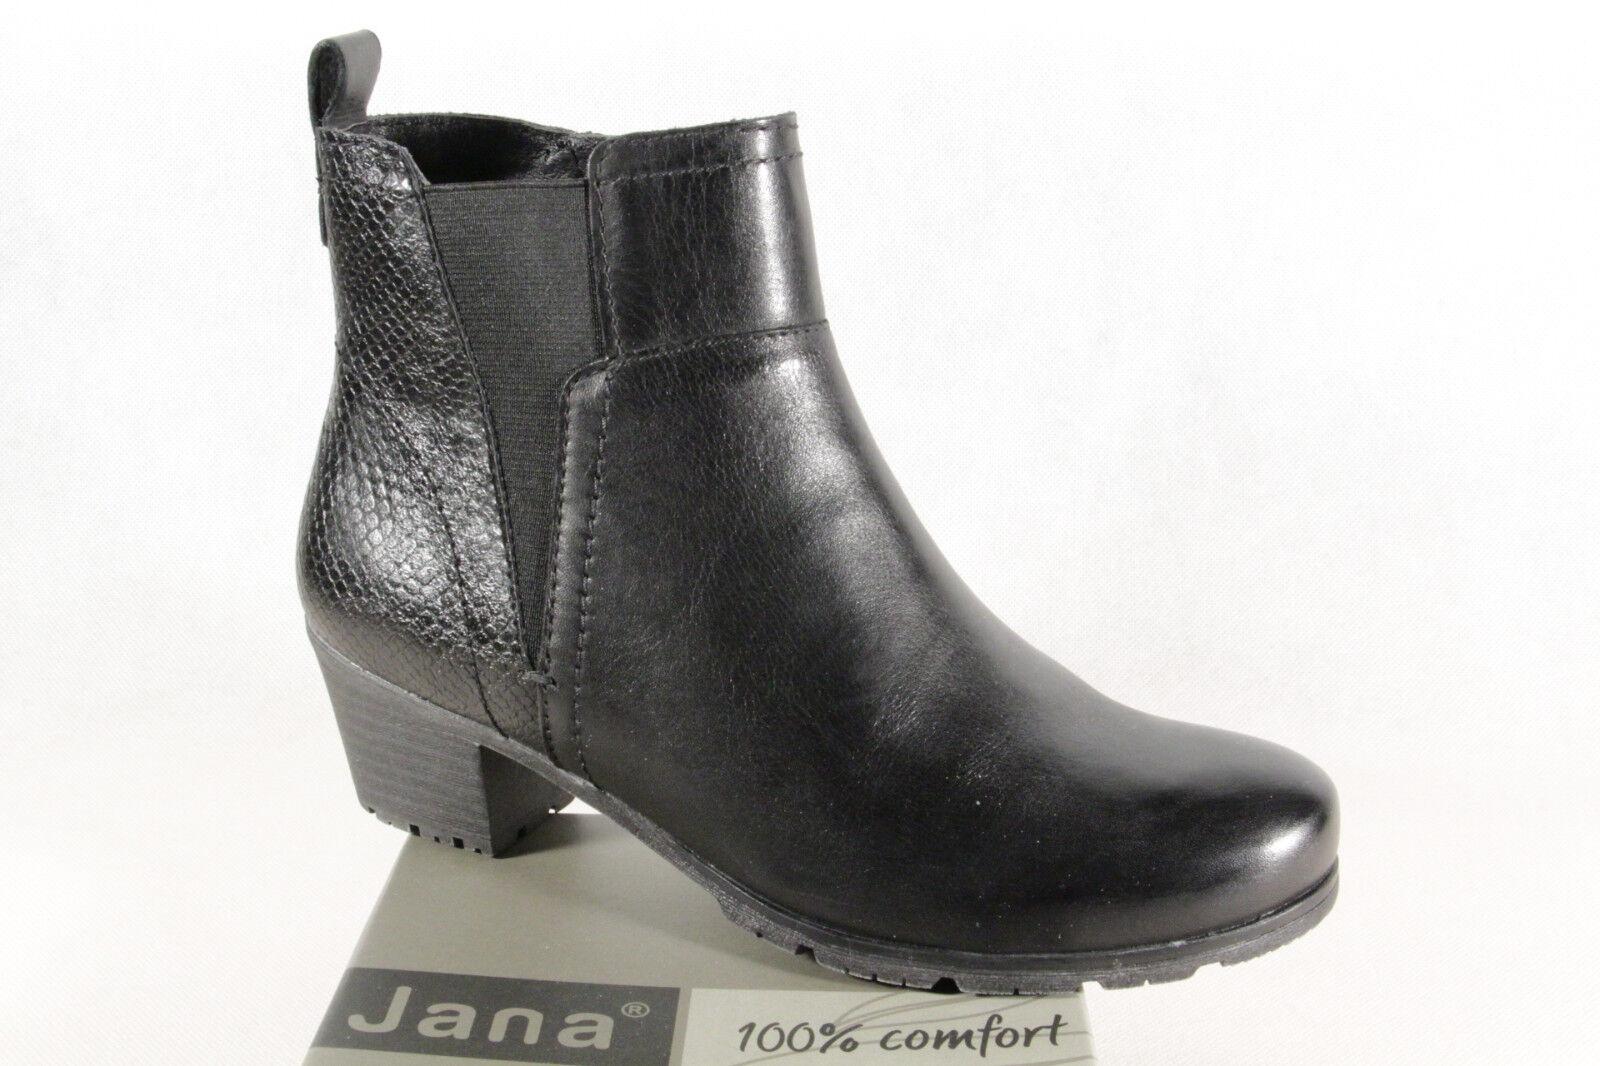 Jana Stiefel Stiefel Stiefel Stiefel Stiefelette Stiefel Winterstiefel schwarz 25312 NEU c61517